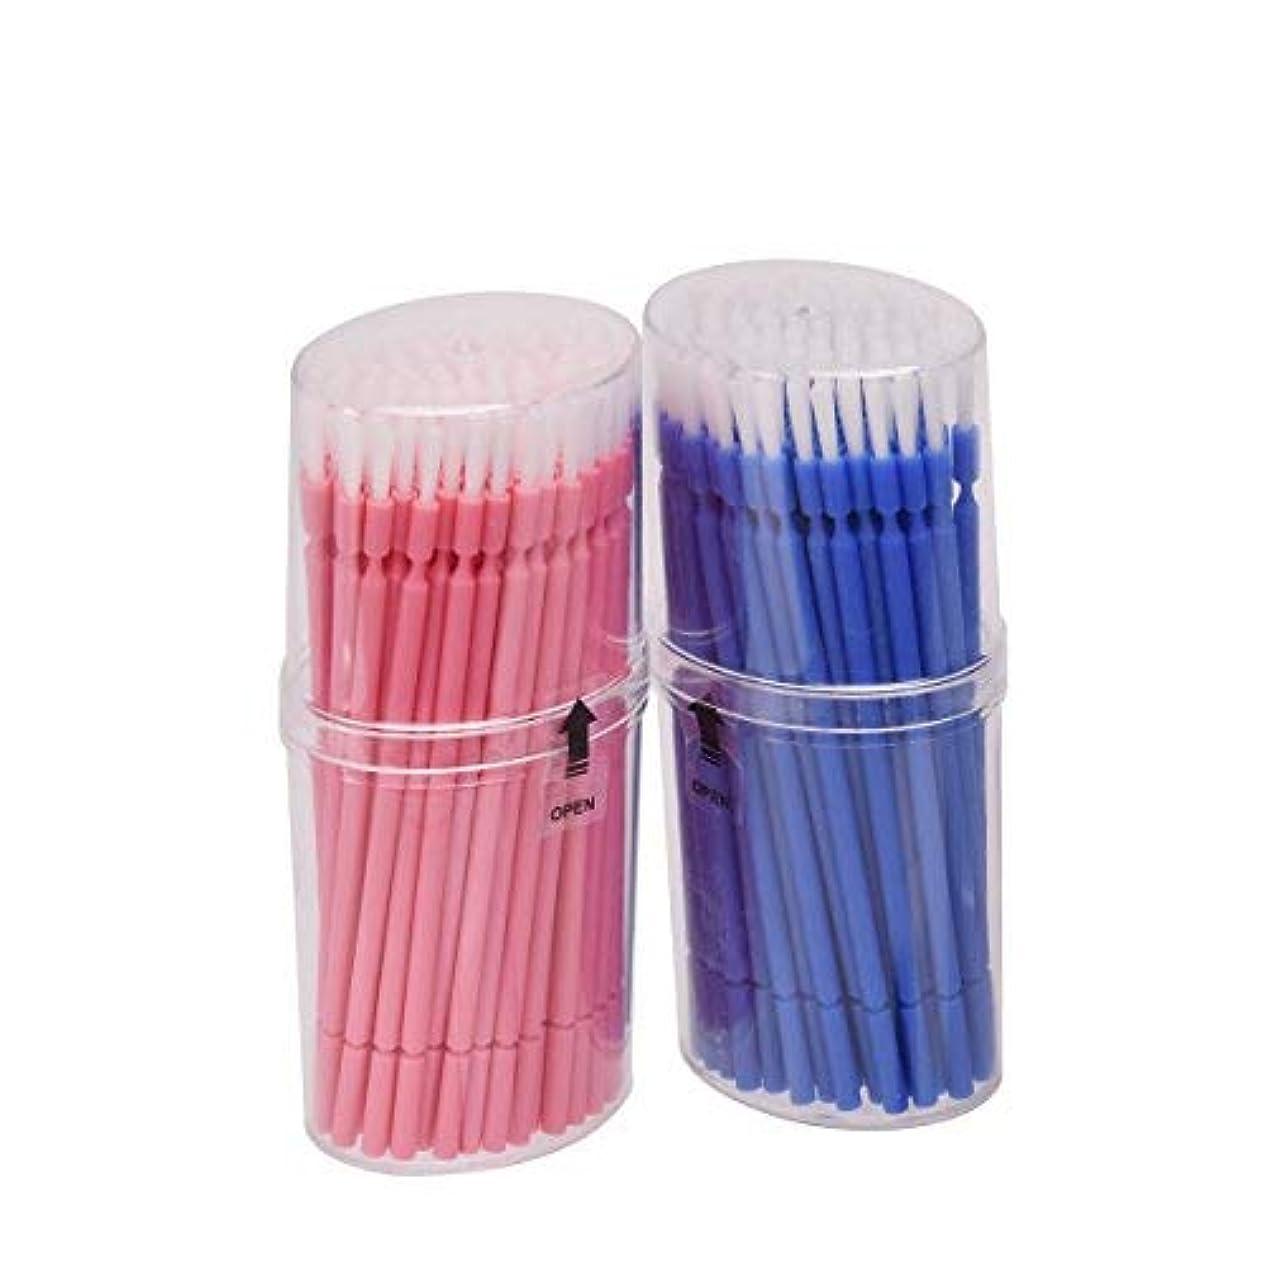 会計ホバーボウリングマイクブラシ 歯科ブラシ 精密機器の細部の清掃など 幅広く使える 使い捨て 4 * 100=400本入り Annhua